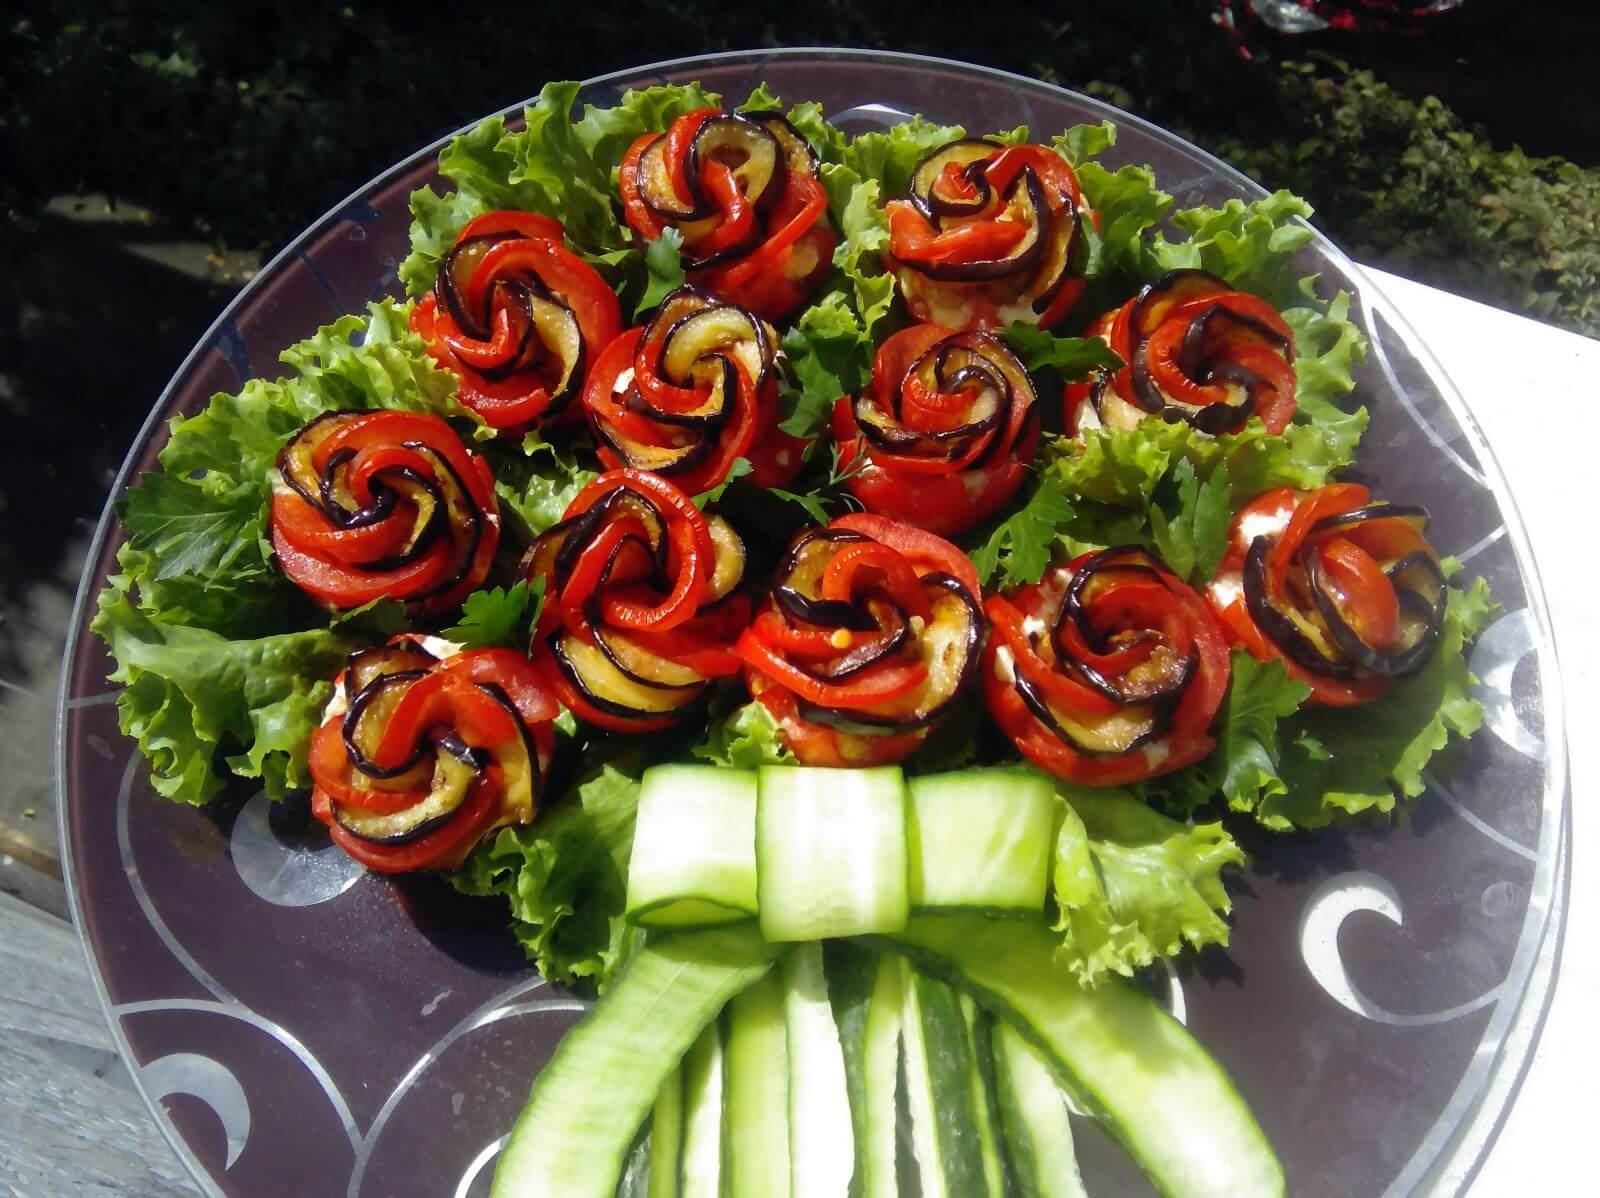 праздничные закуски из овощей с фото